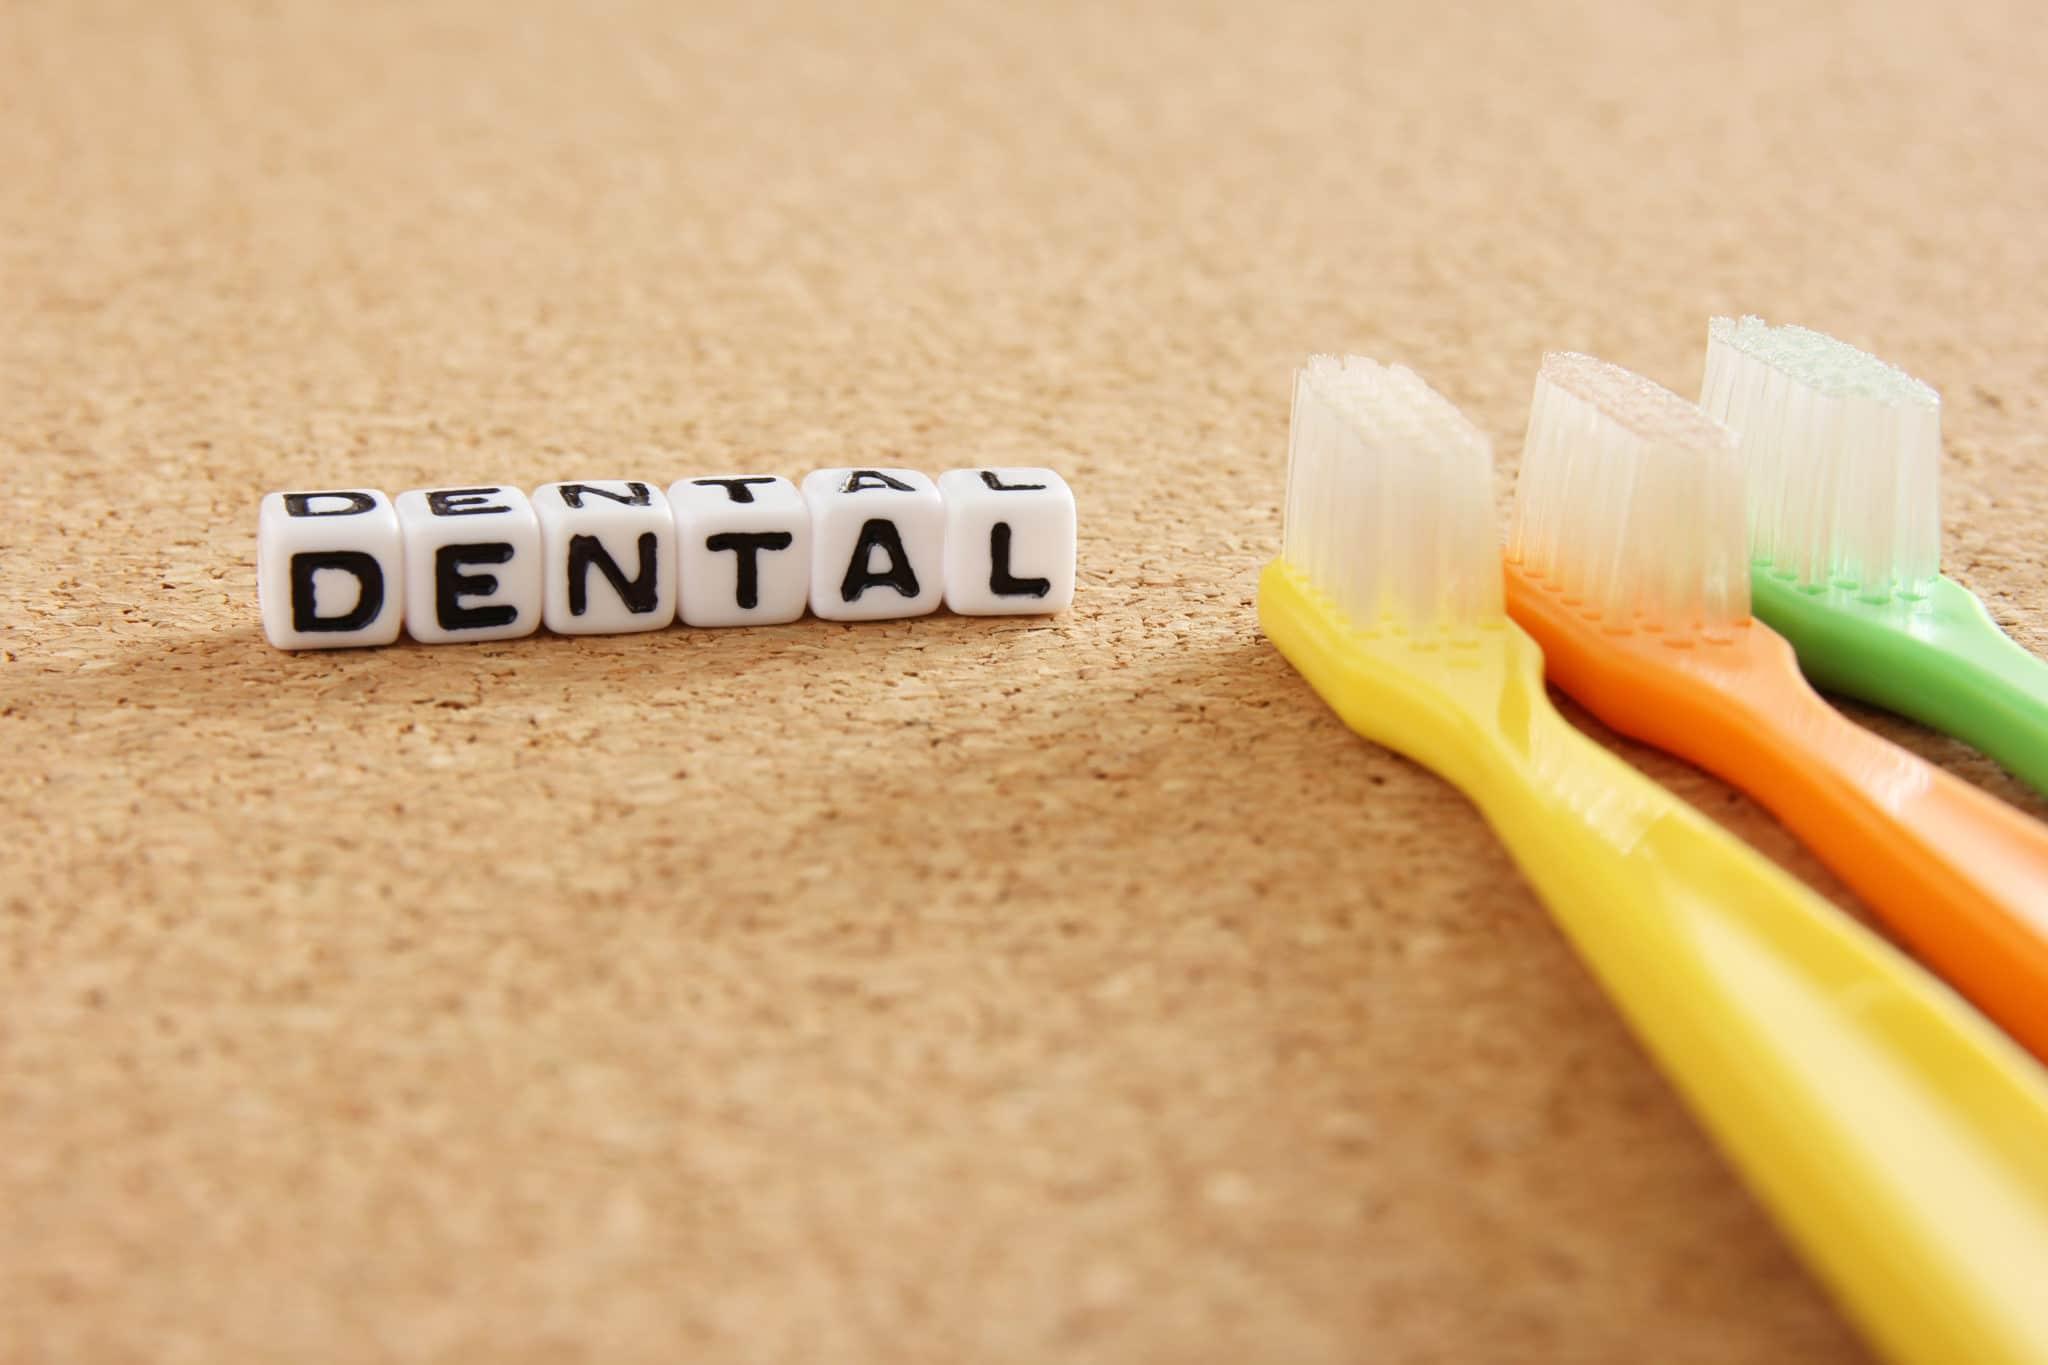 フィリピン留学の準備11:虫歯を治療する